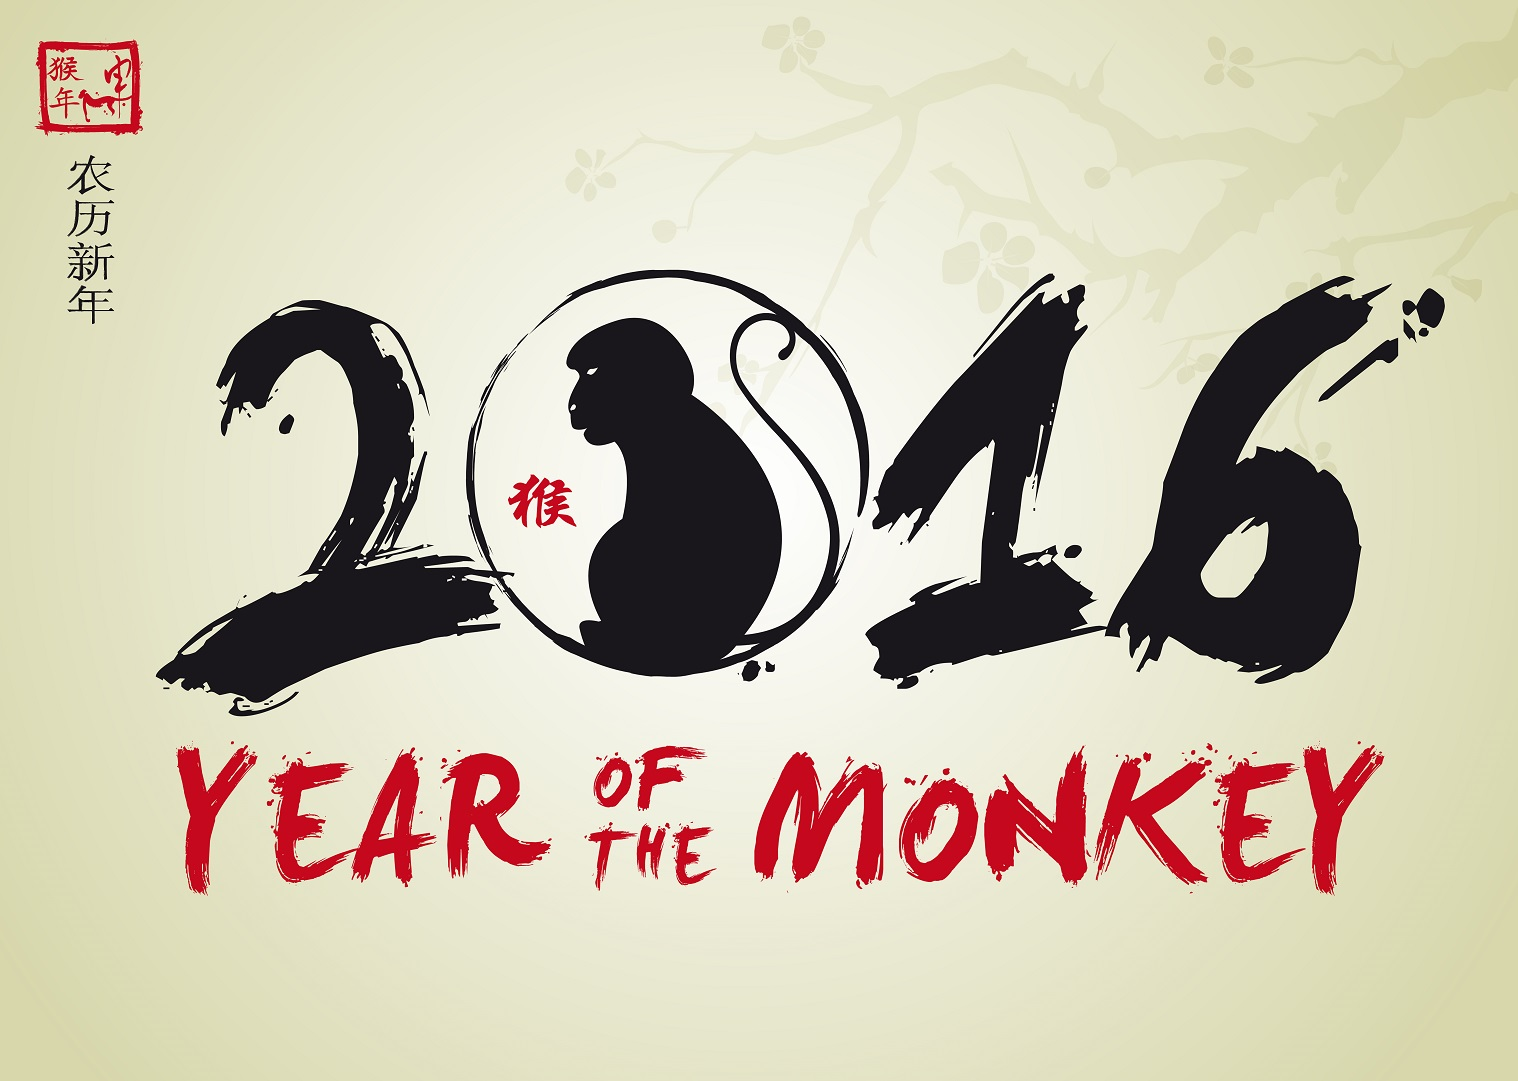 Chinesisches Jahr des Affen 2016; www.fengshui-schmidt.de